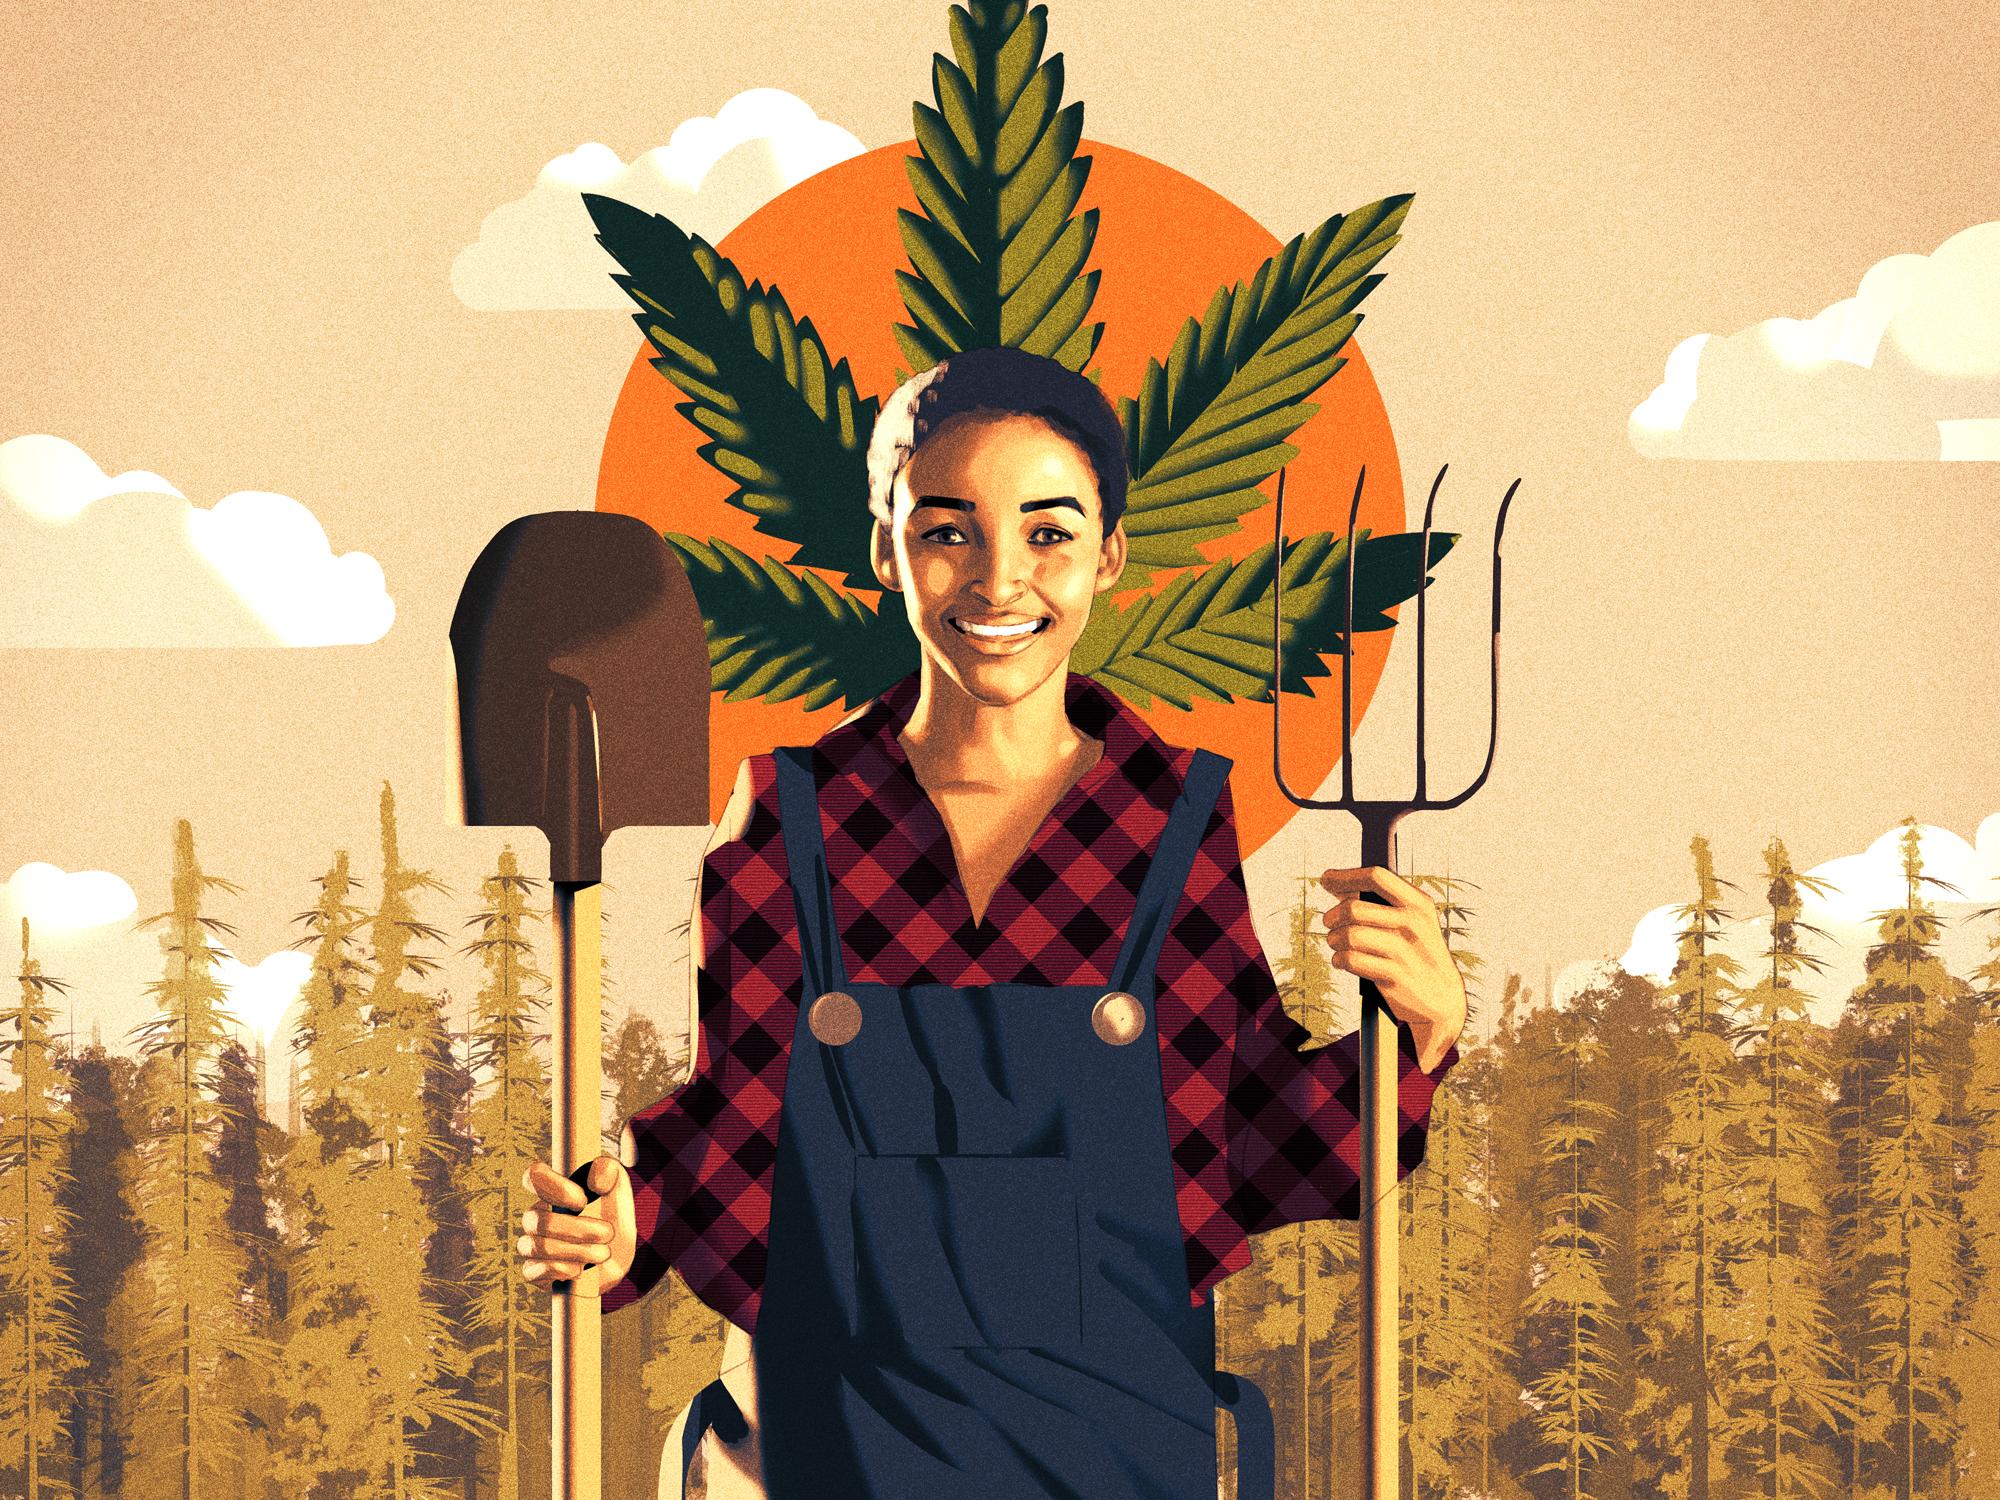 15_vice_weedfarming.jpg